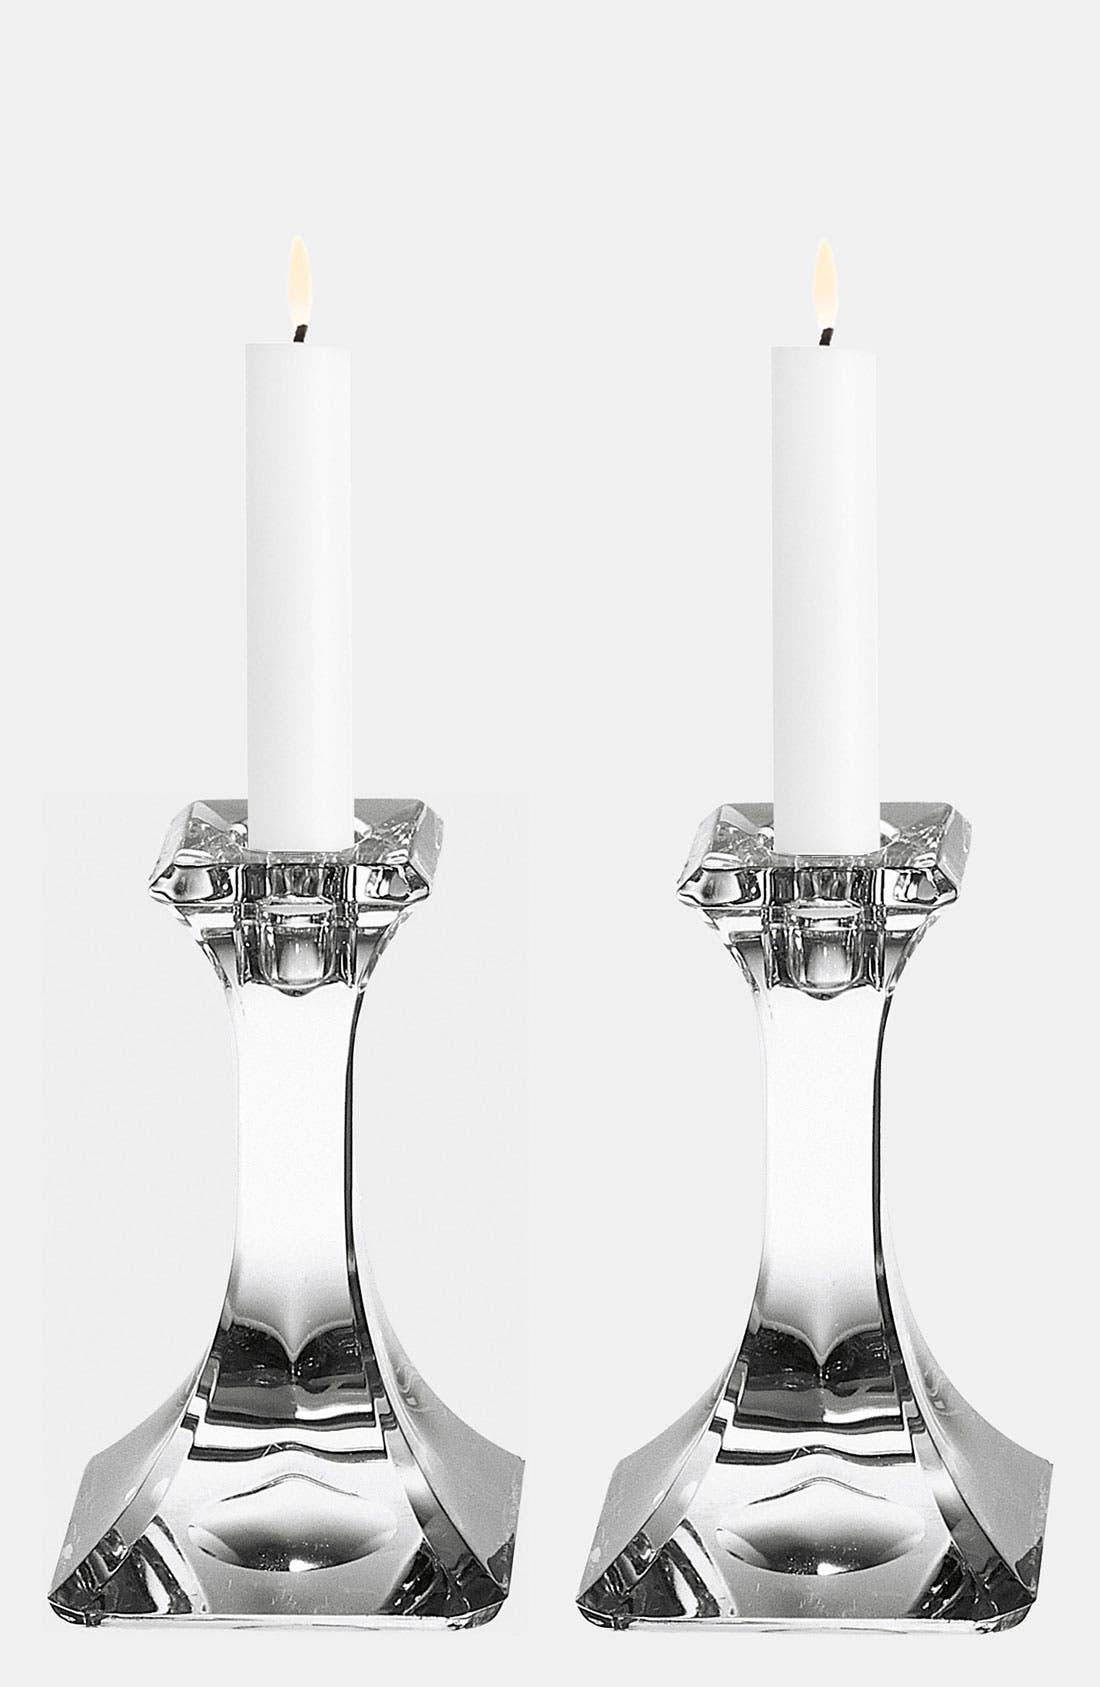 Alternate Image 1 Selected - Orrefors 'Regina' Candlesticks (Set of 2)